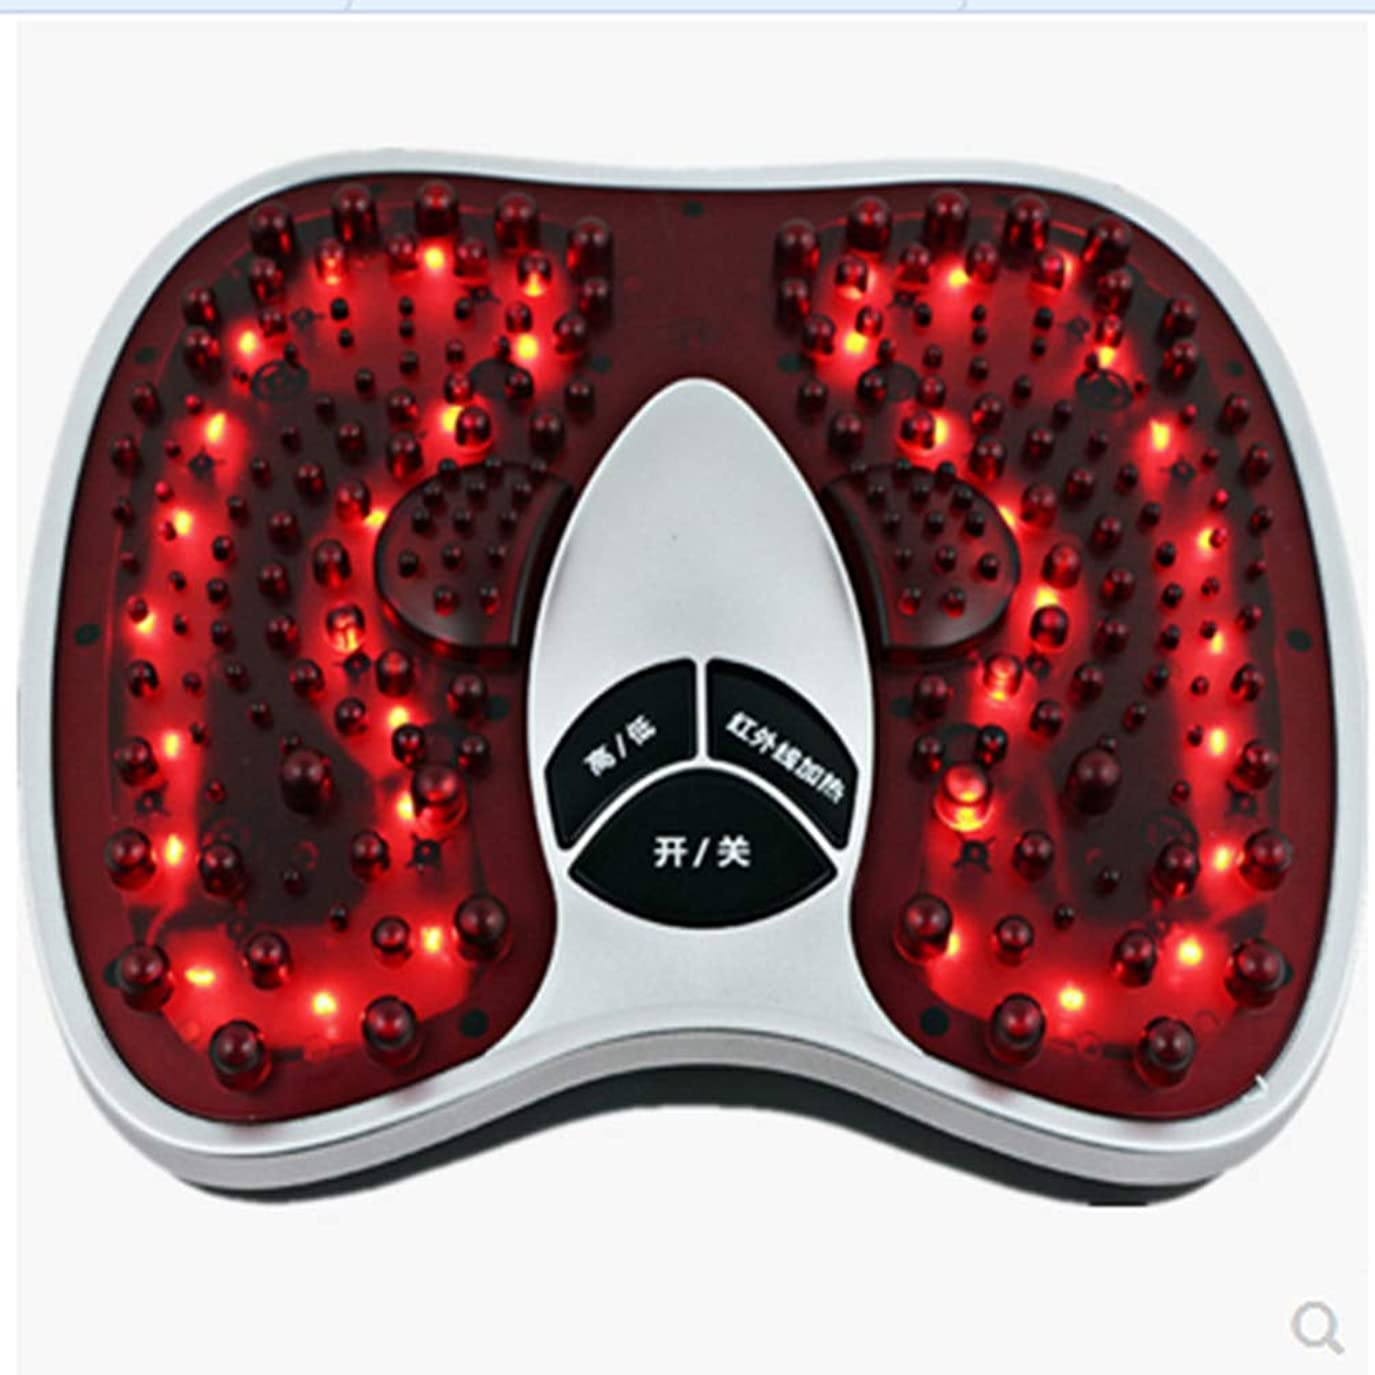 椅子東重要調整可能 フットマッサージ(熱を含む)、フルマッサージを体験する202マッサージヘッド、硬い筋肉を柔らかくする、循環を改善する、痛みを軽減する治療 リラックス, red